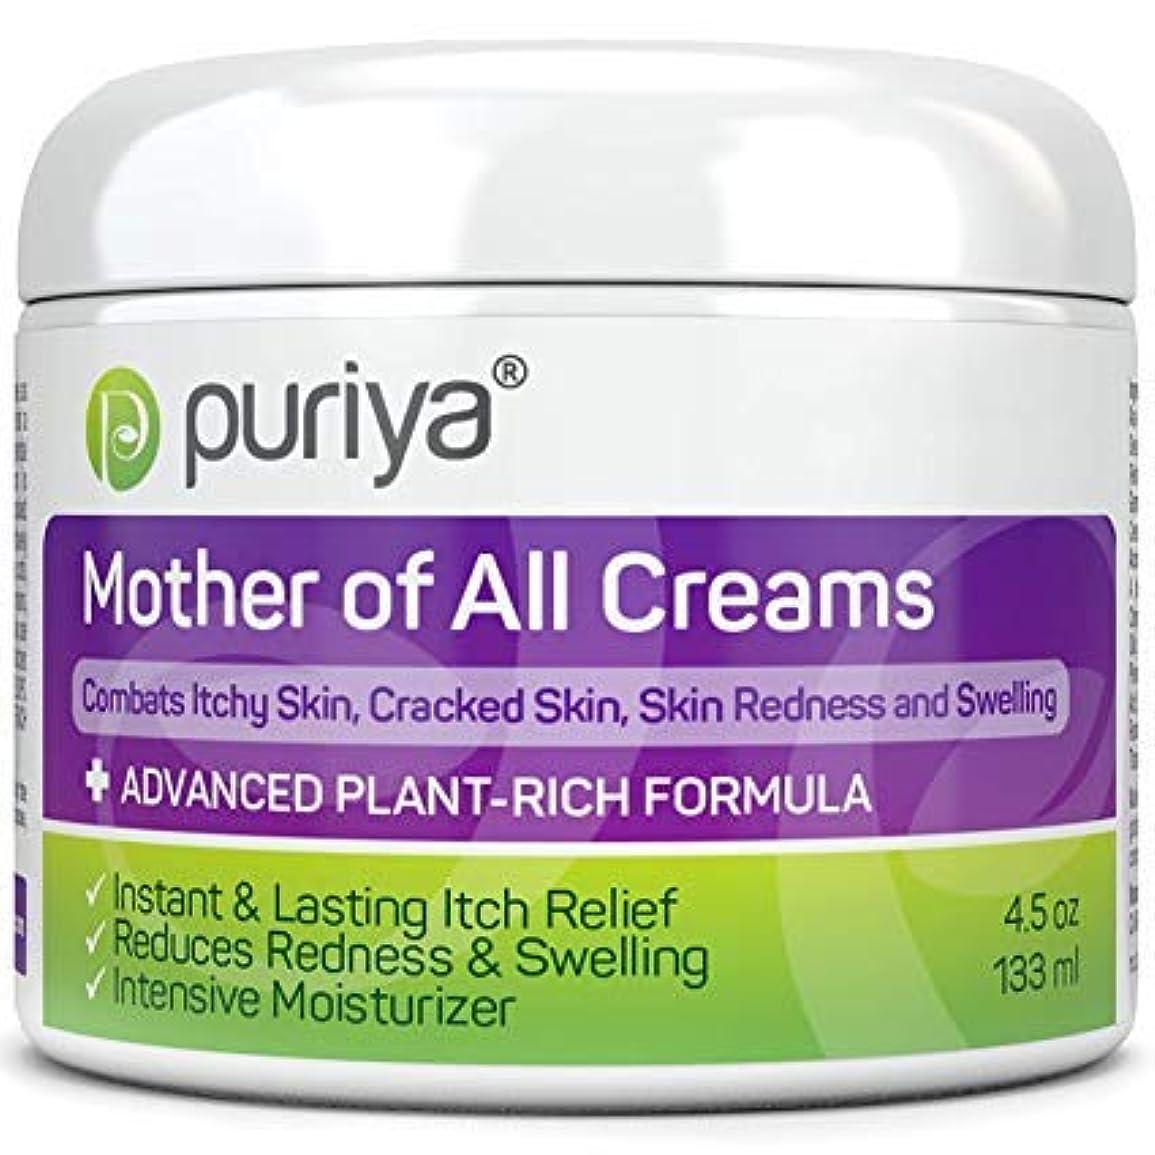 有罪リテラシー松Puriya マザーオブオールクリーム Mother of All Creams Cream For Eczema, Psoriasis, Dermatitis and Rashes. Powerful Plant Rich...